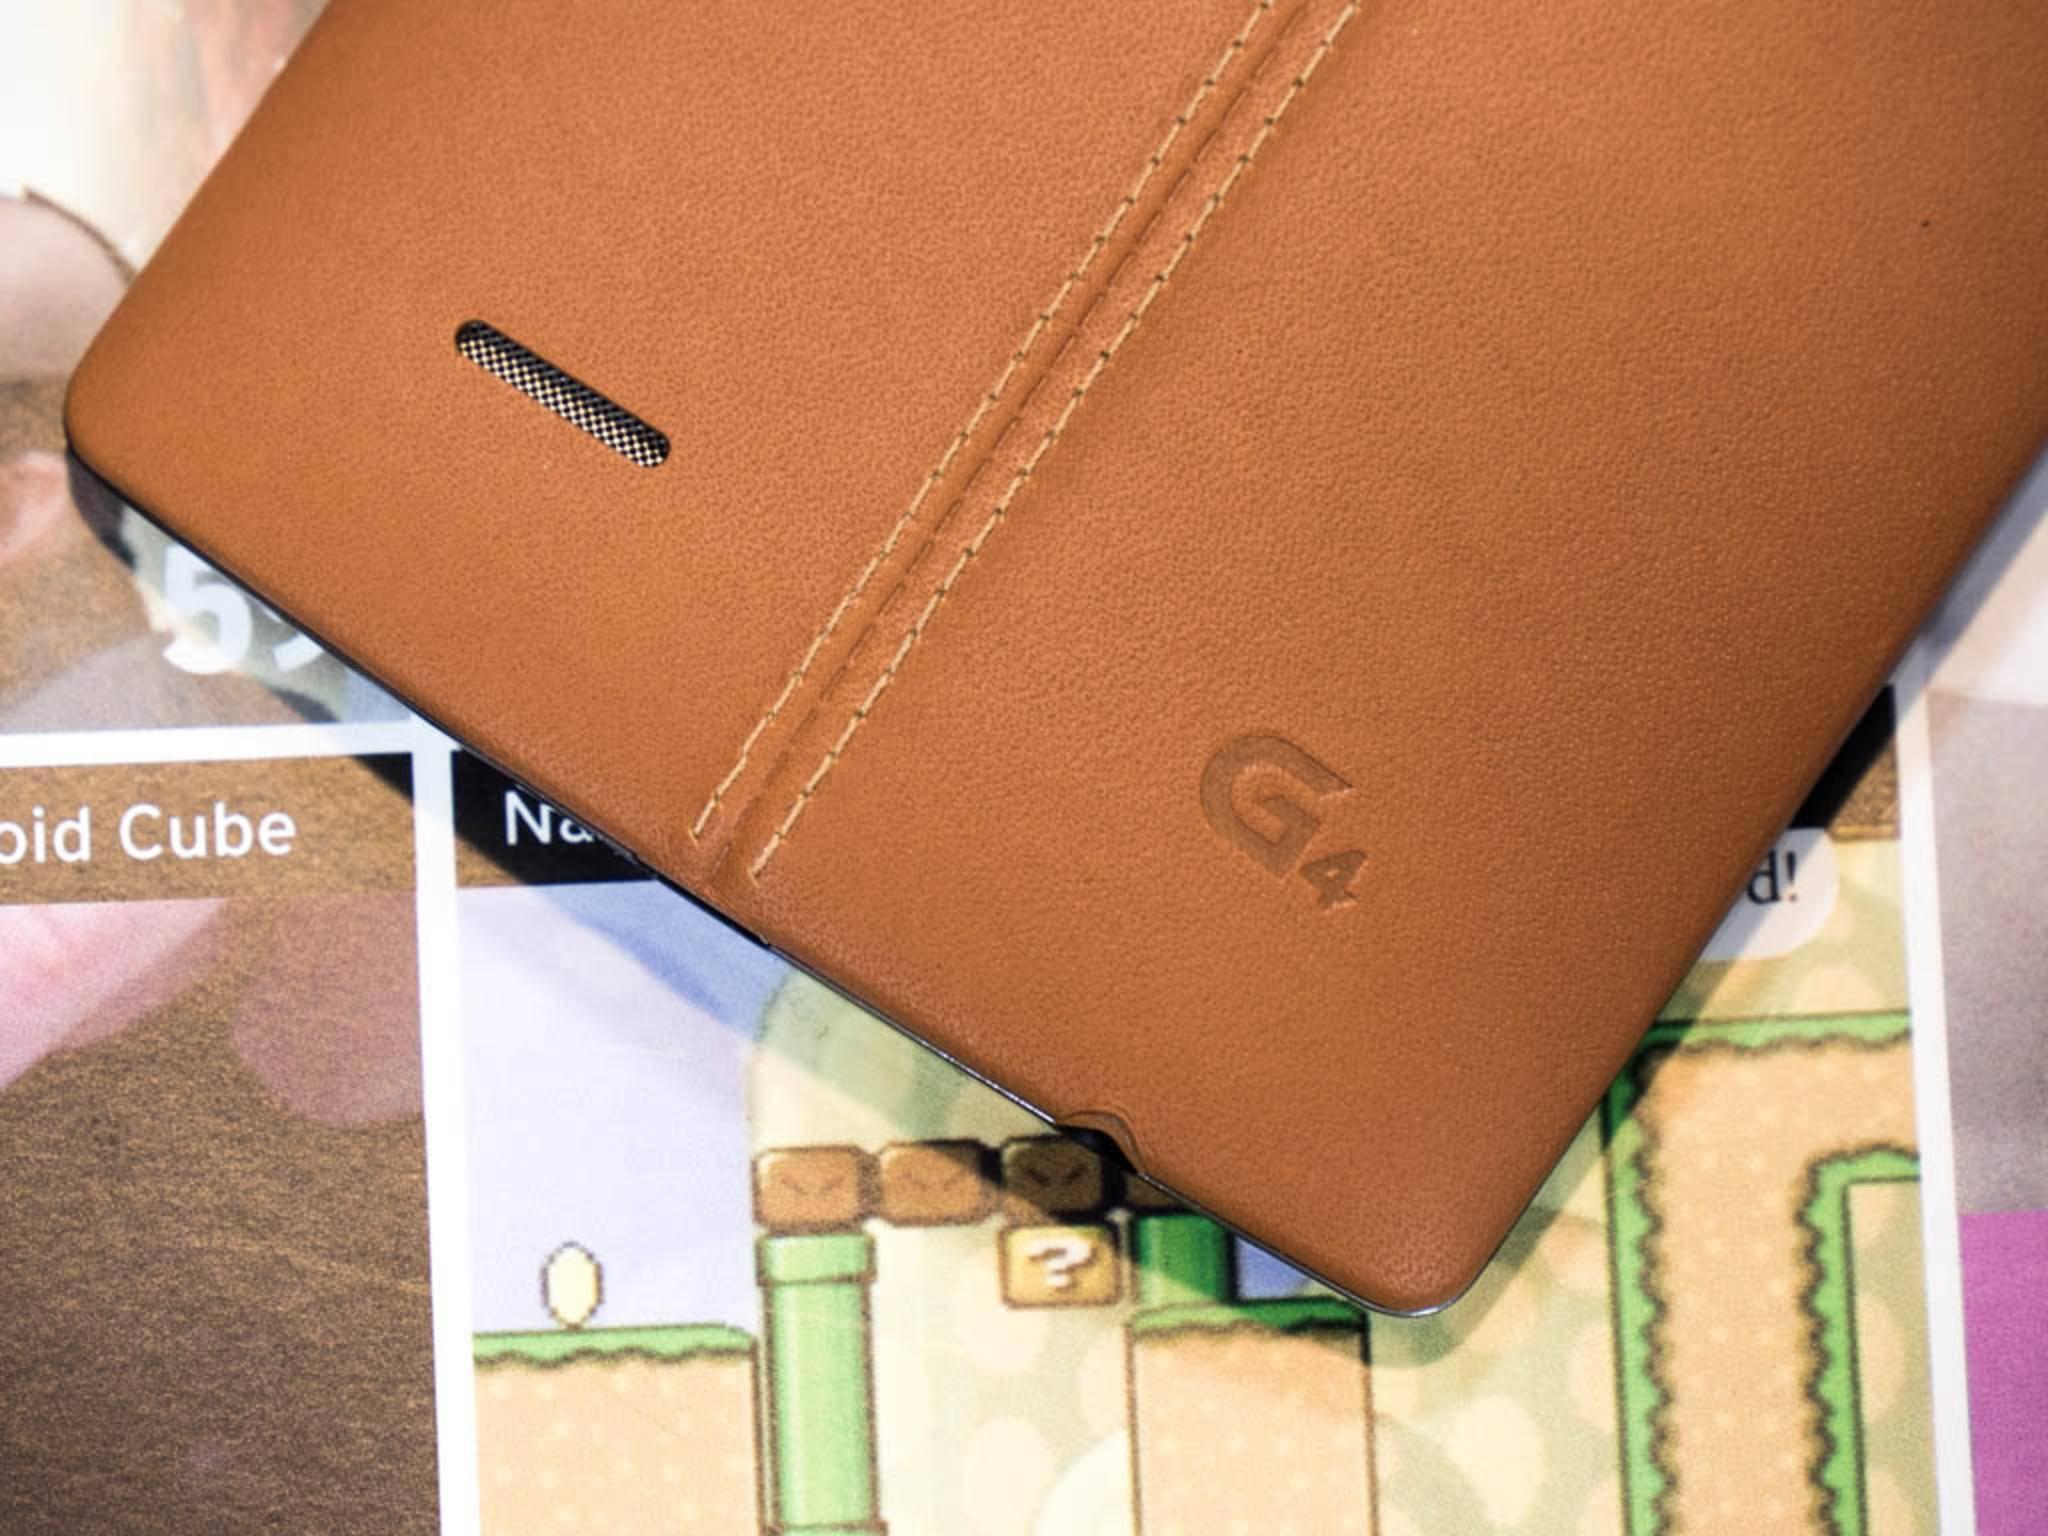 Das LG G4 soll bald eine Pro-Version bekommen.